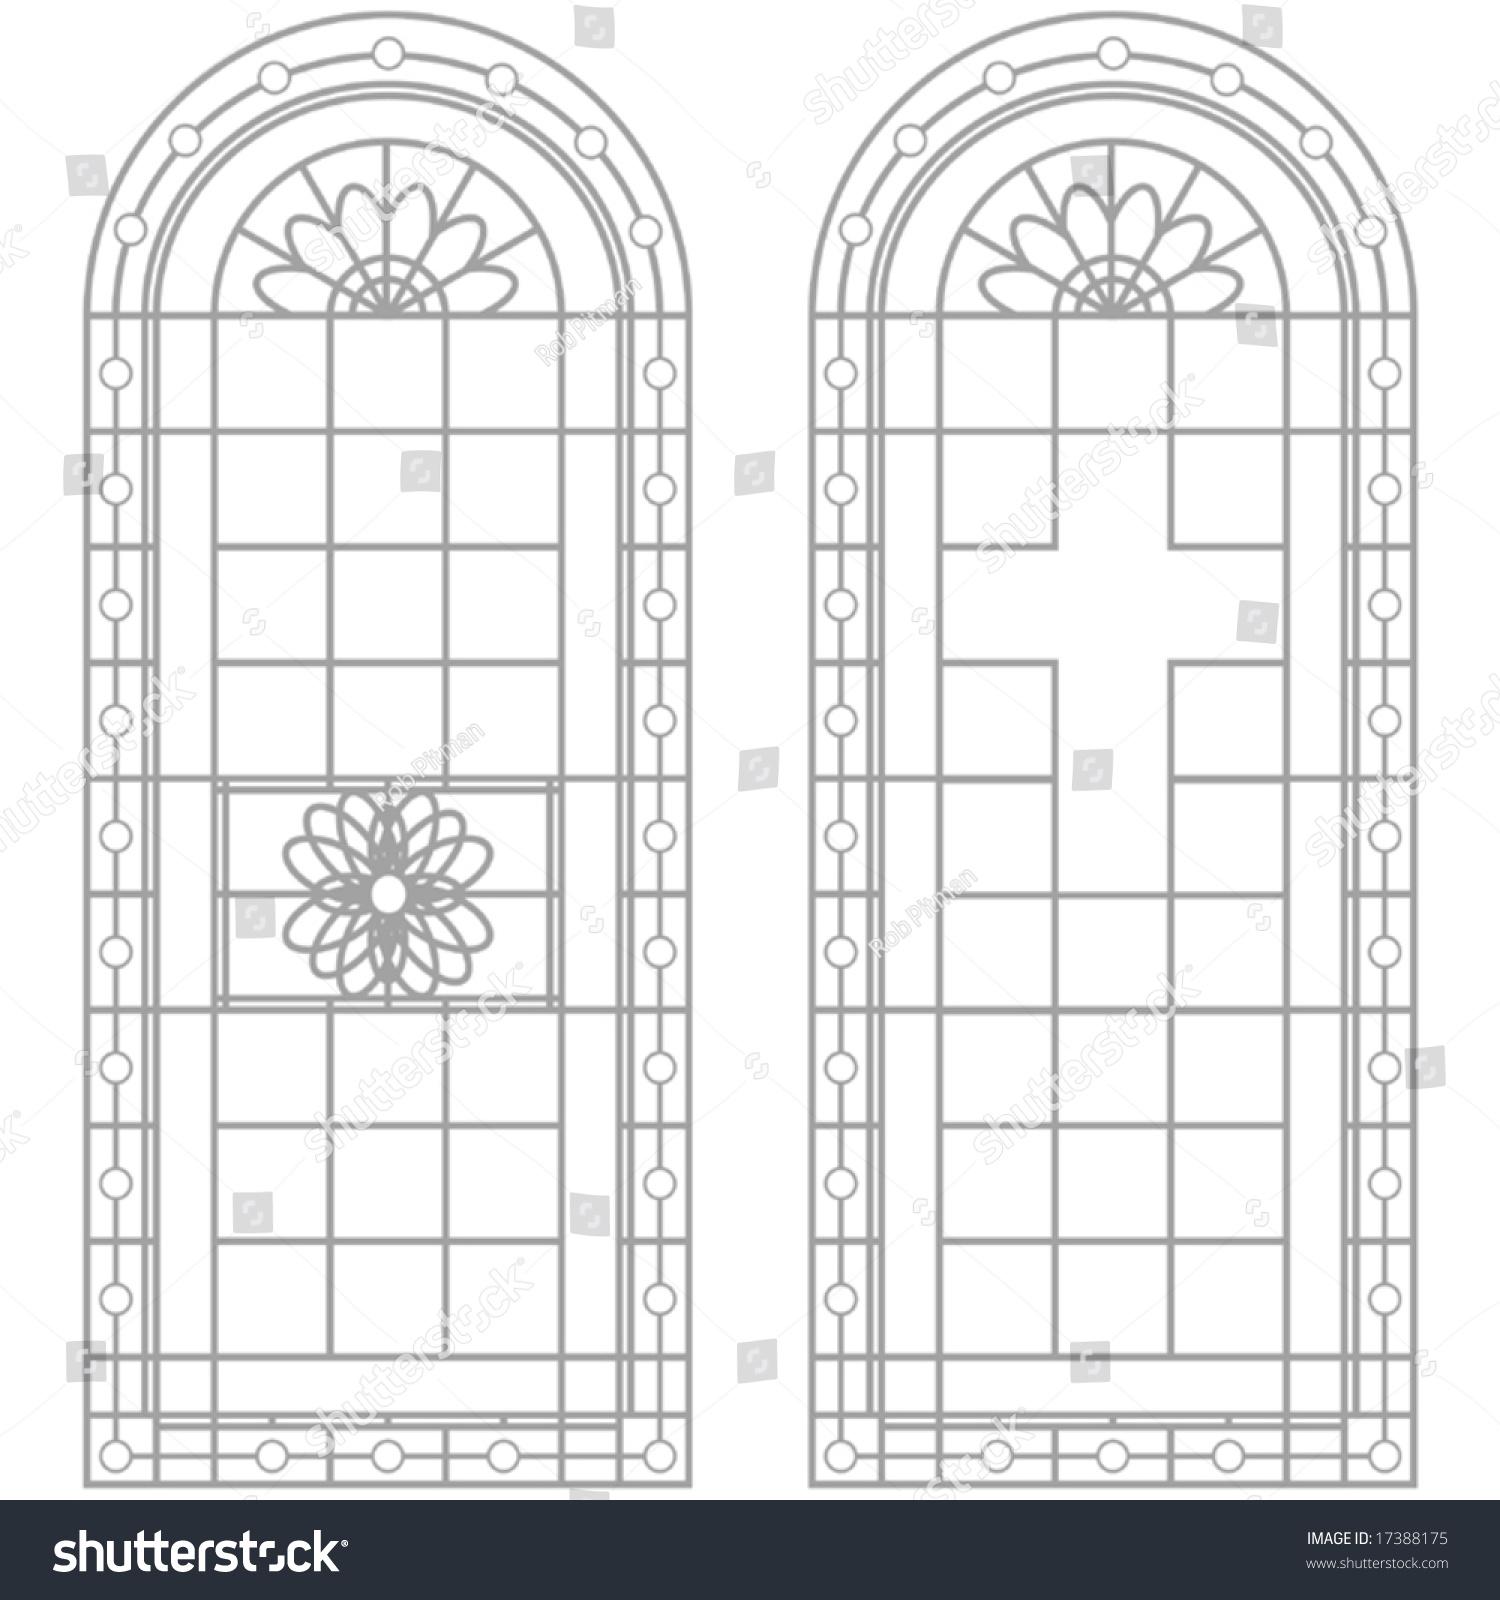 Vector window designs stock vector 17388175 shutterstock for Window design vector